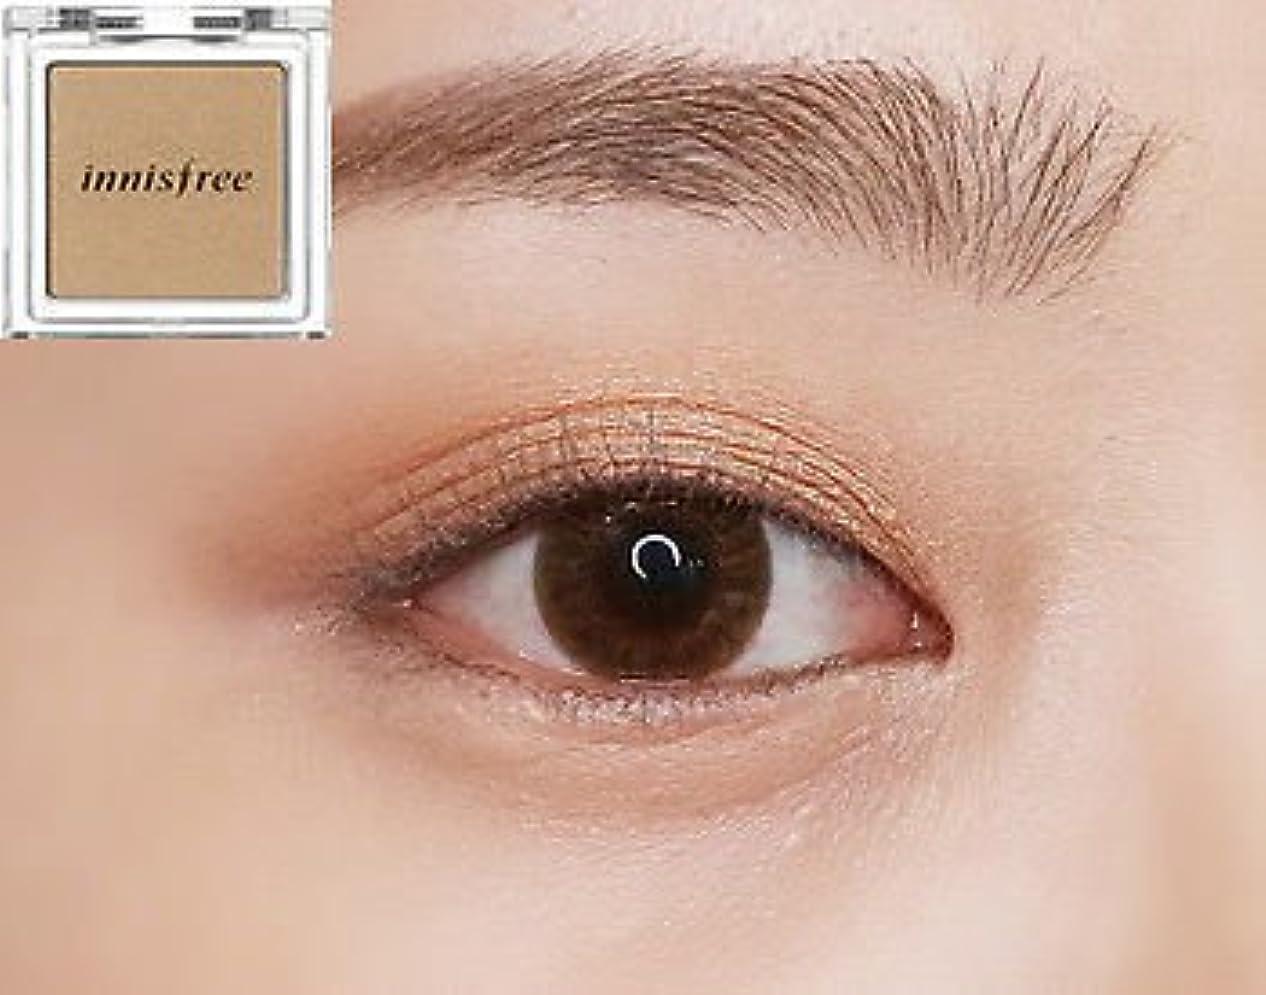 シルク媒染剤管理者[イニスフリー] innisfree [マイ パレット マイ アイシャドウ (シマ一) 39カラー] MY PALETTE My Eyeshadow (Shimmer) 39 Shades [海外直送品] (シマ一 #05)